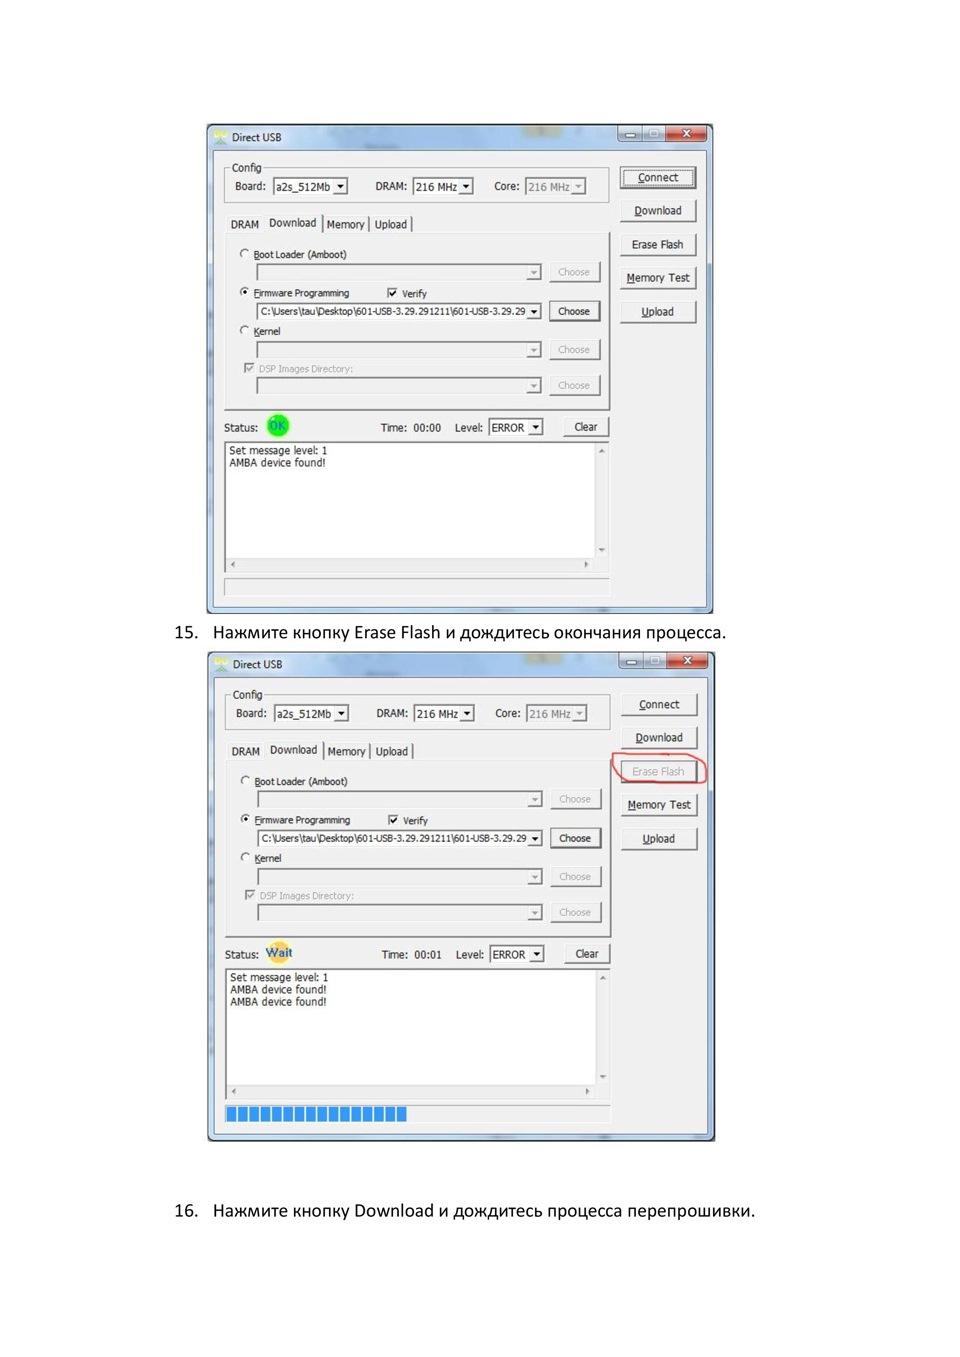 инструкция как обновить прошивку на видеорегистраторе texet 1gp